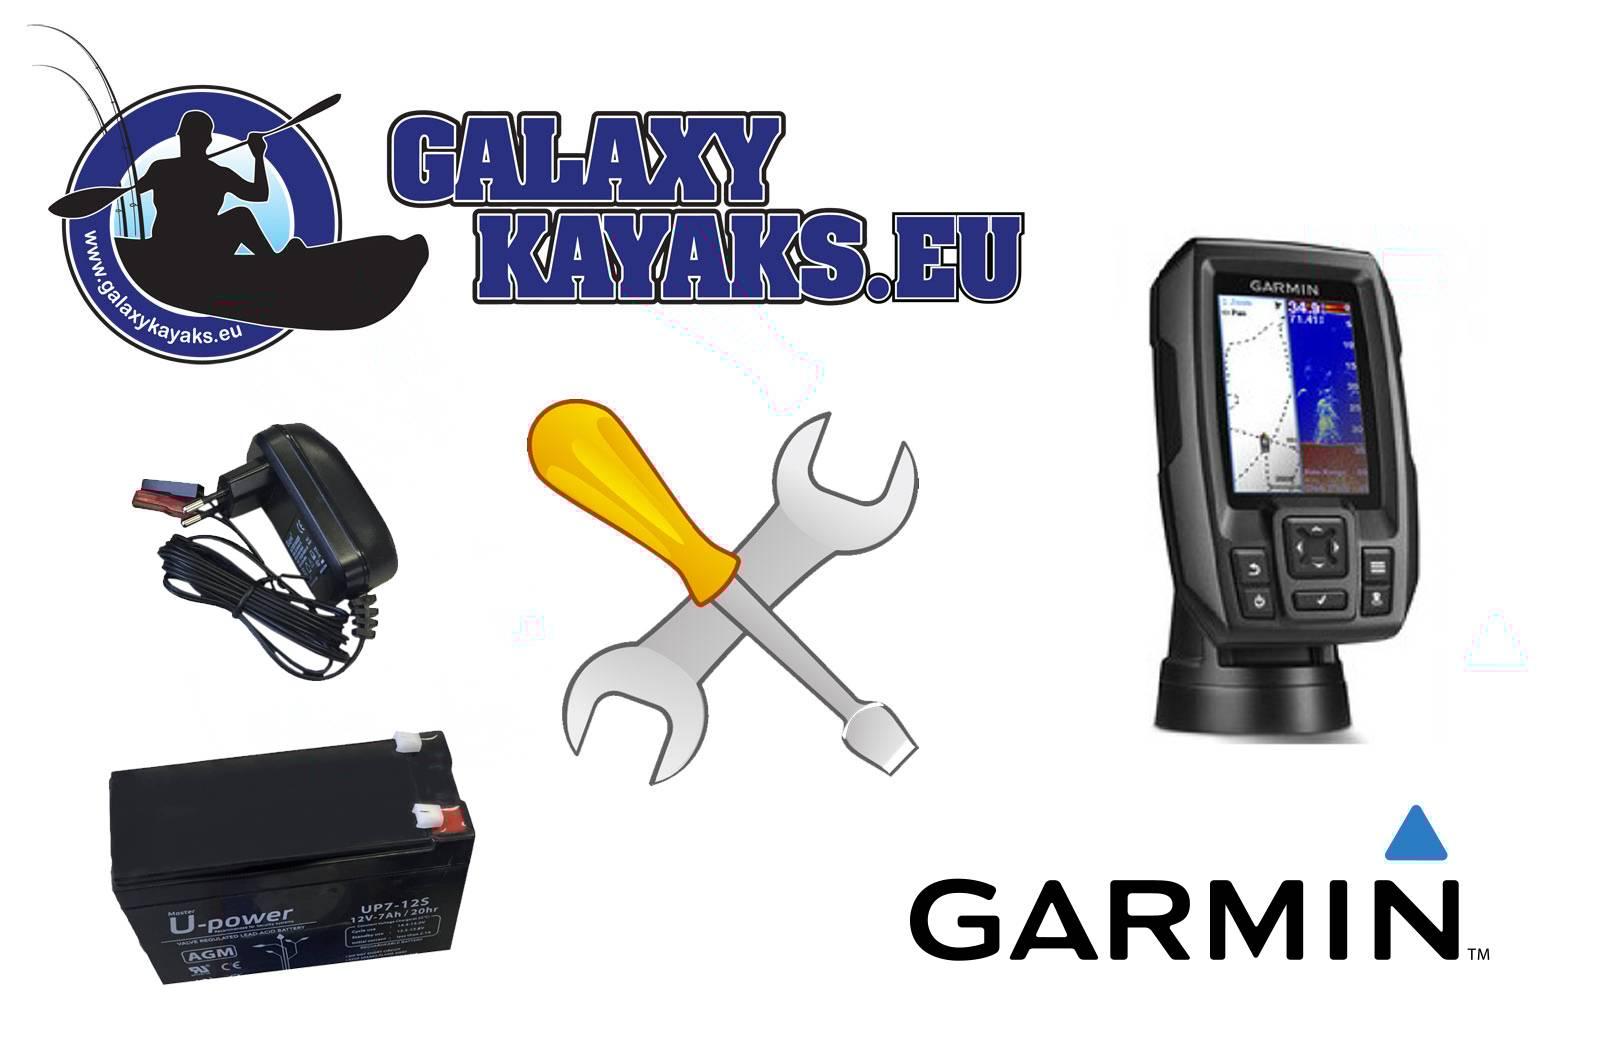 Opción Instalación Sonda + Batería + cargador (79,95 euros)